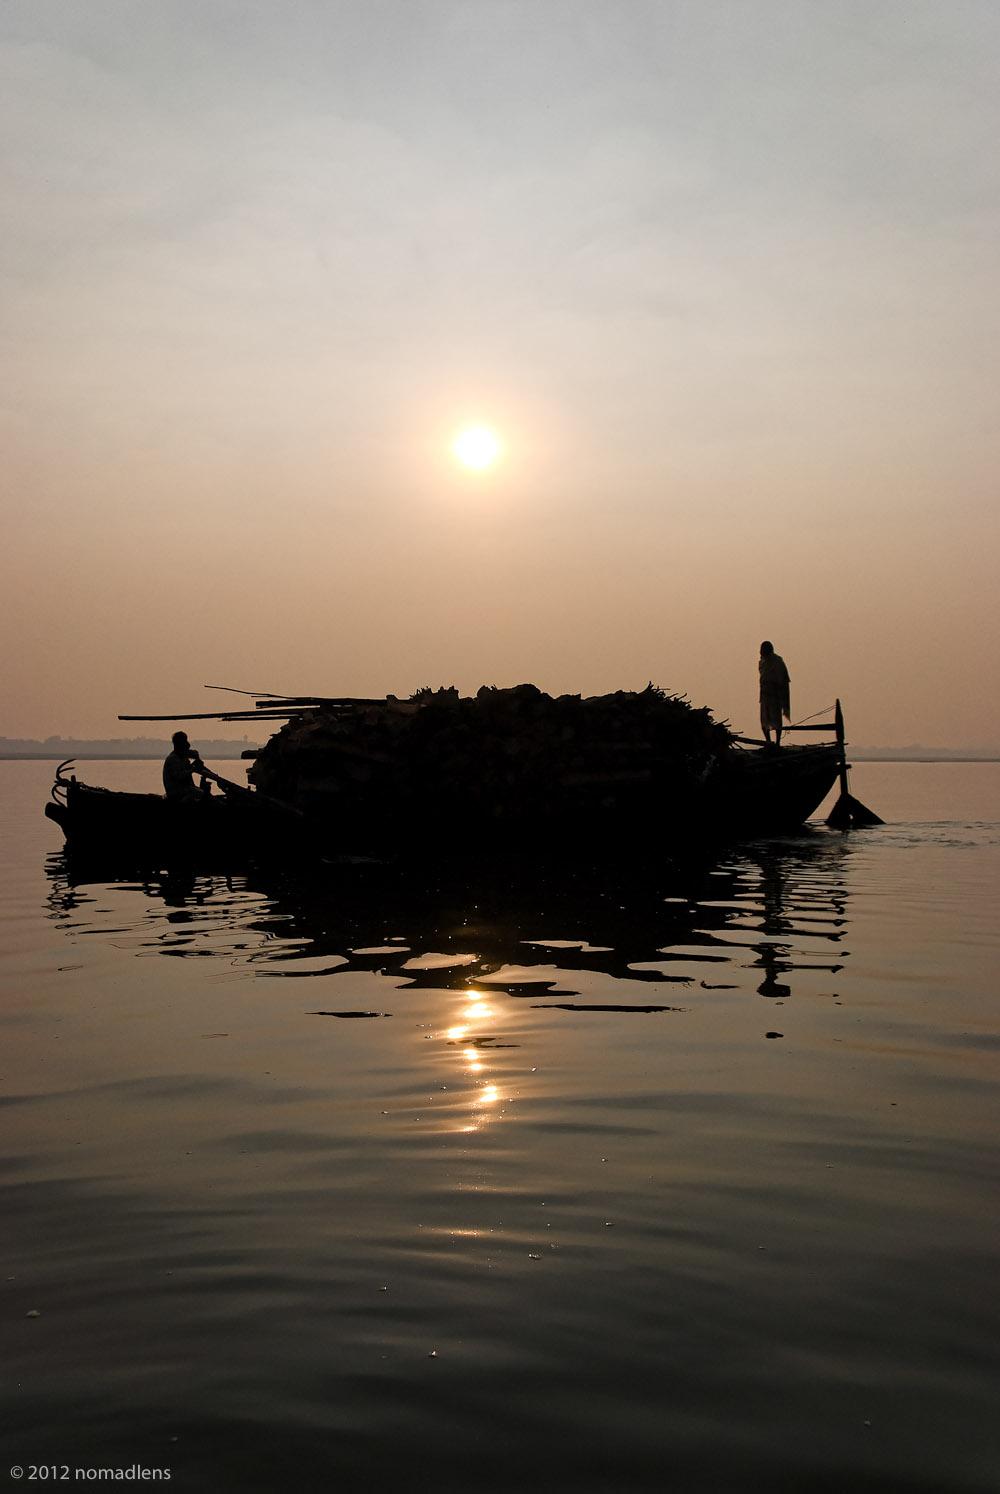 Pyre supplies, Varanasi, UP, India